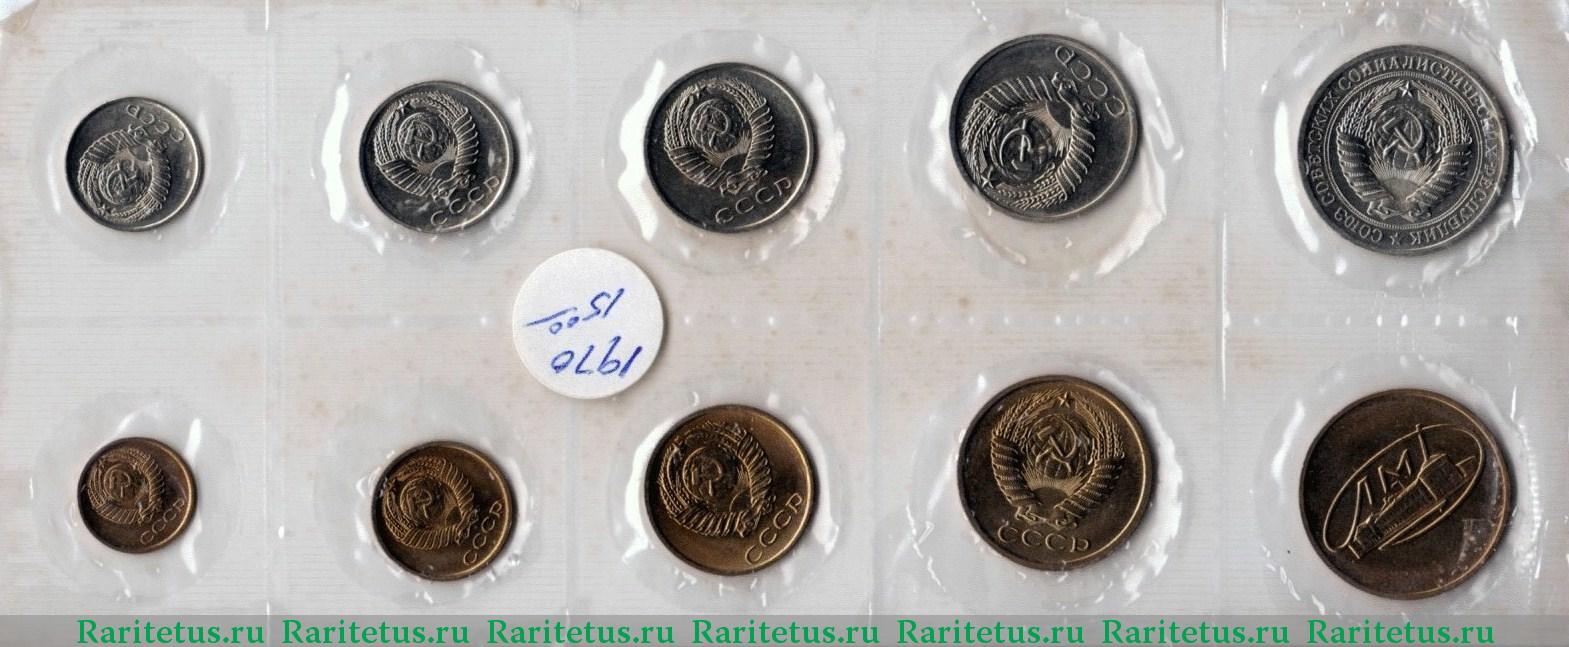 Монеты ссср 1970 года минге